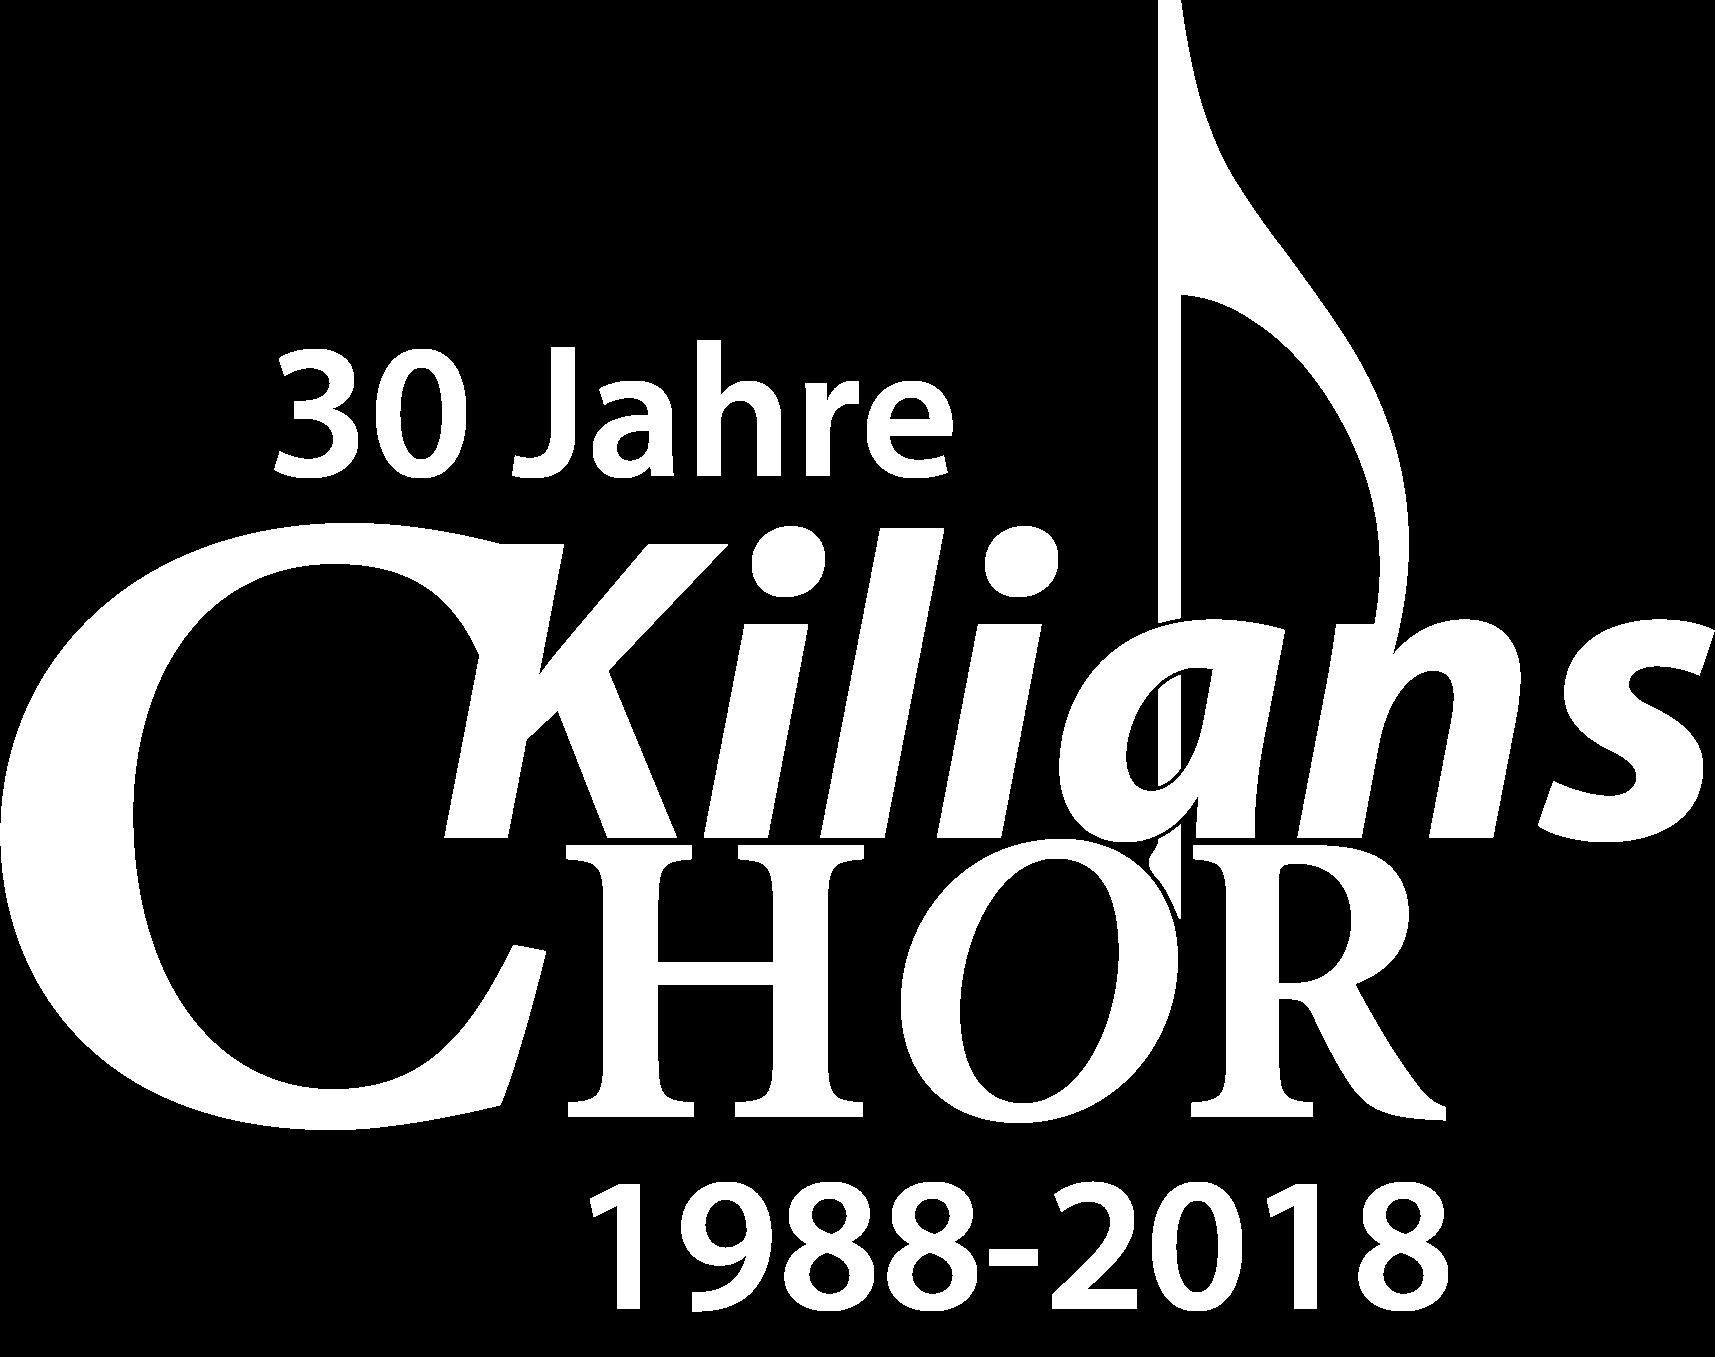 Kilians Chor